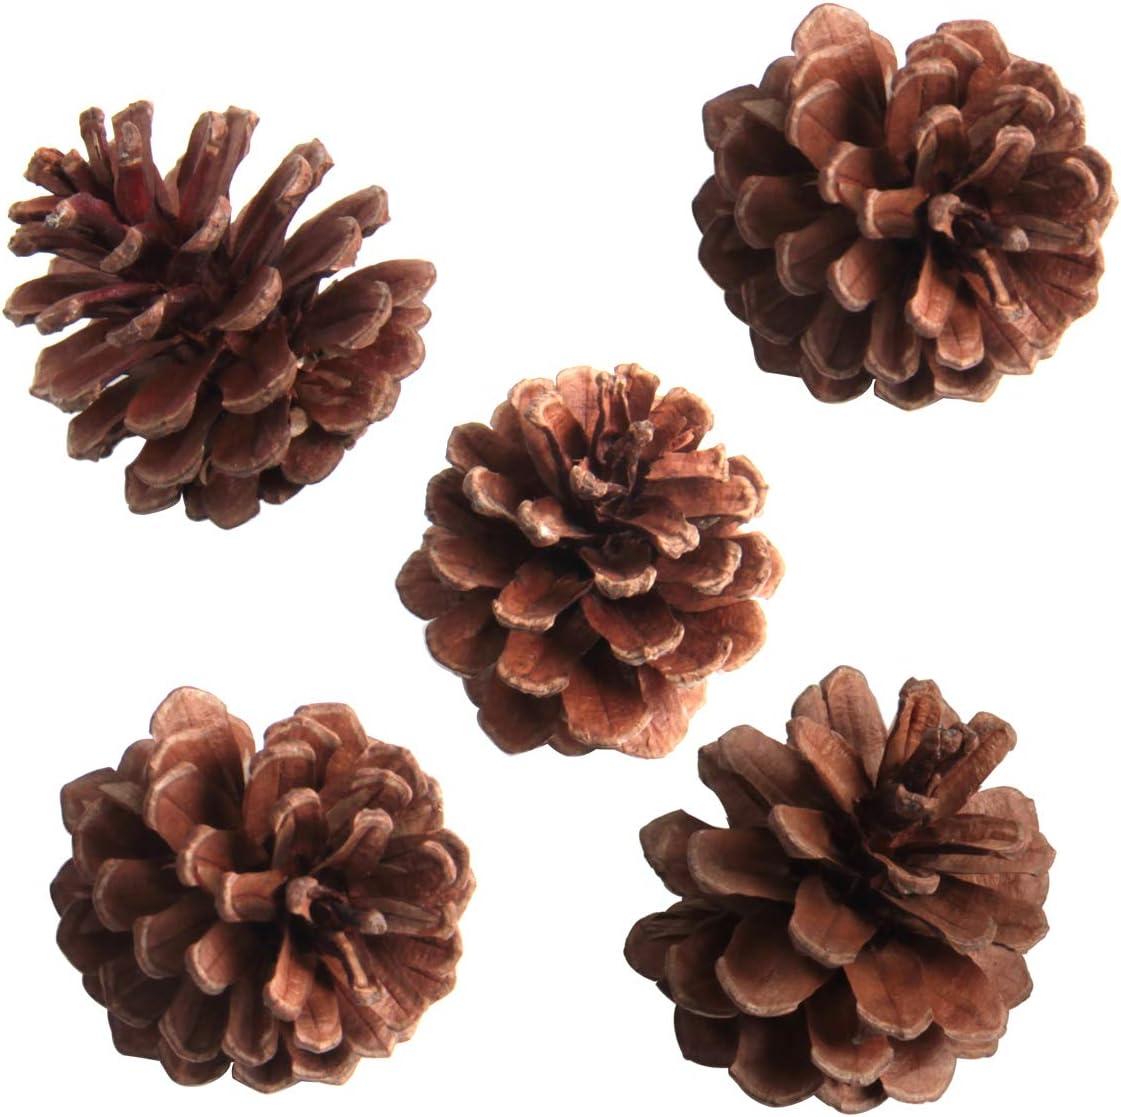 SBYURE 20 Pack Bulk Package of Natural Pinecones for Crafts Home Decor Vase Filler